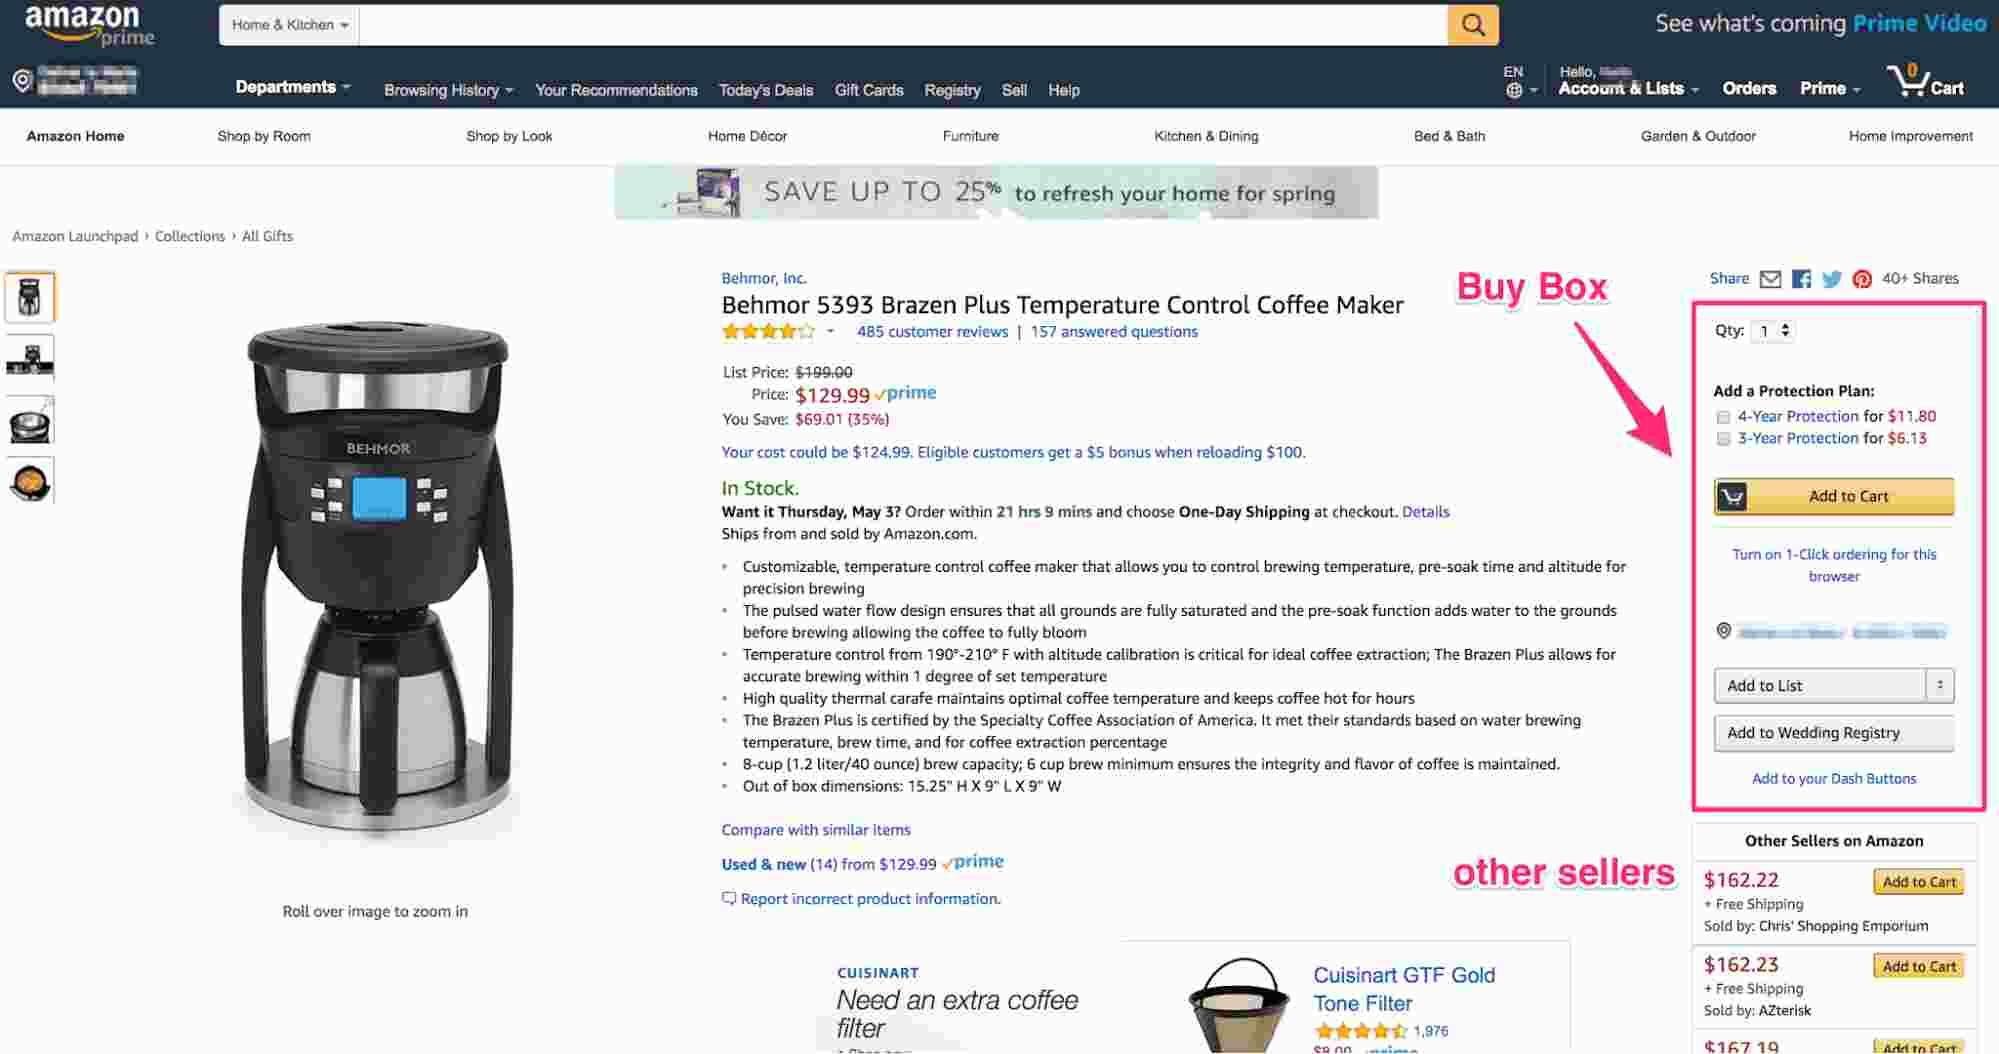 Реклама на Amazon, Buy Box, реклама на амазон, продвижение товаров амазон